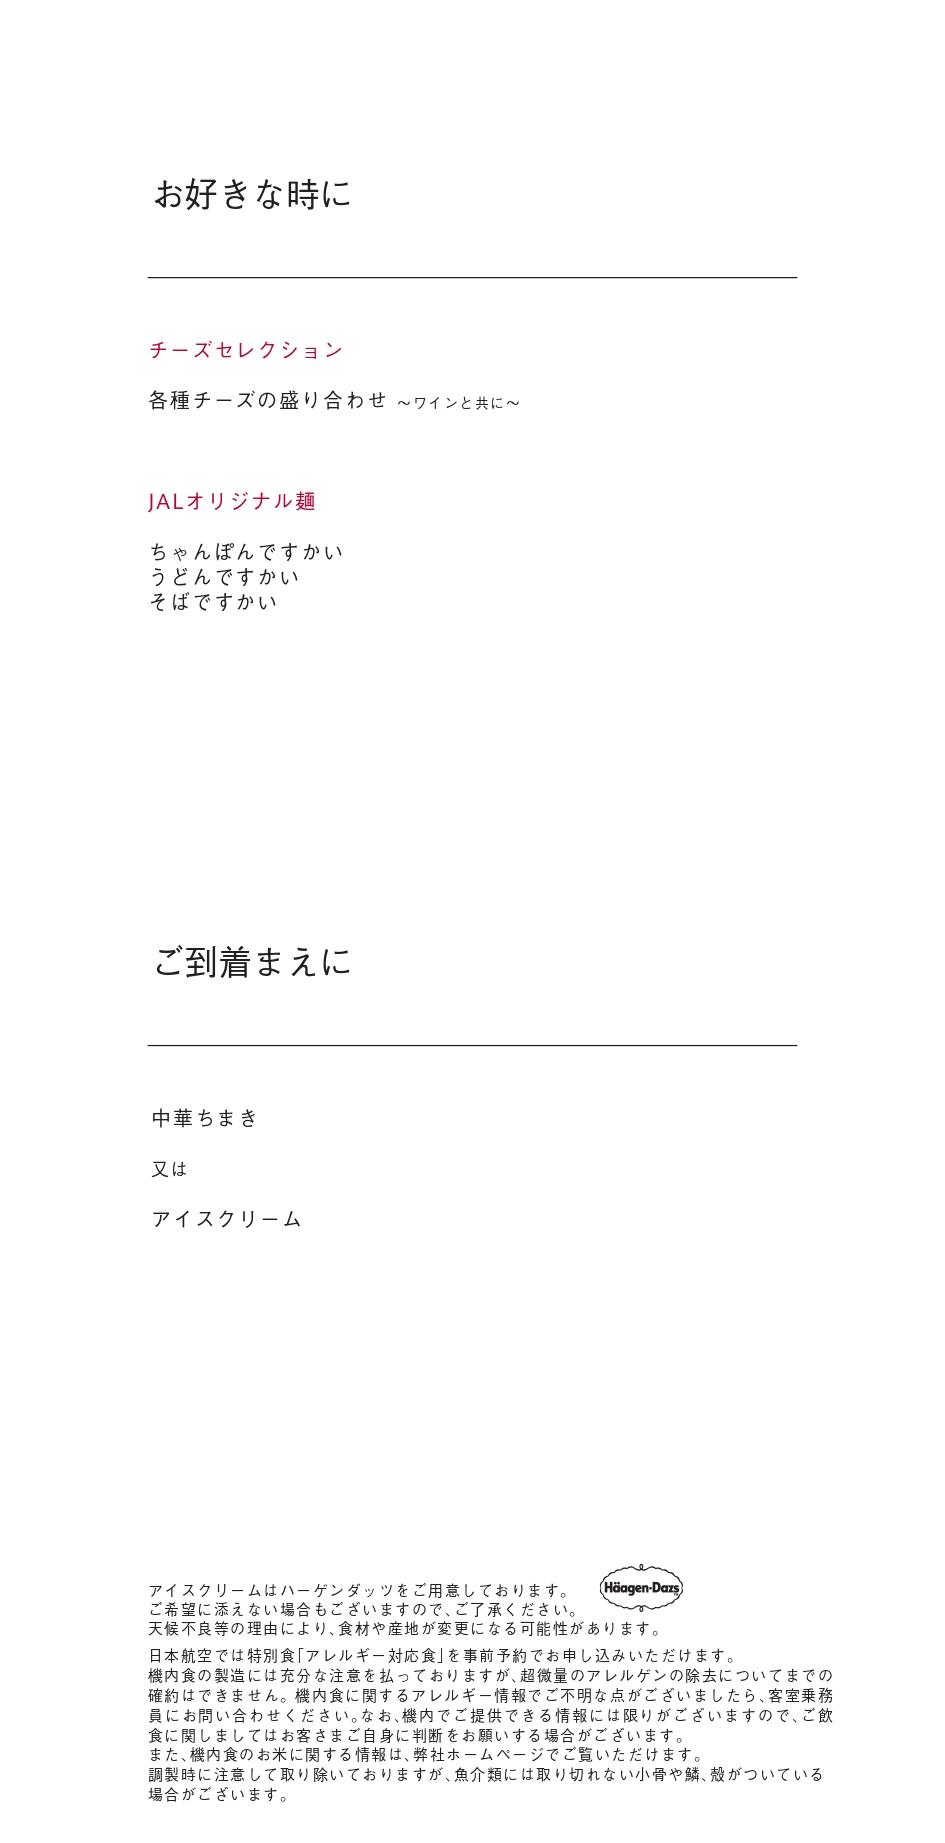 JL37 02OCT19 羽田~シンガポール ビジネスクラス 機内食メニュー